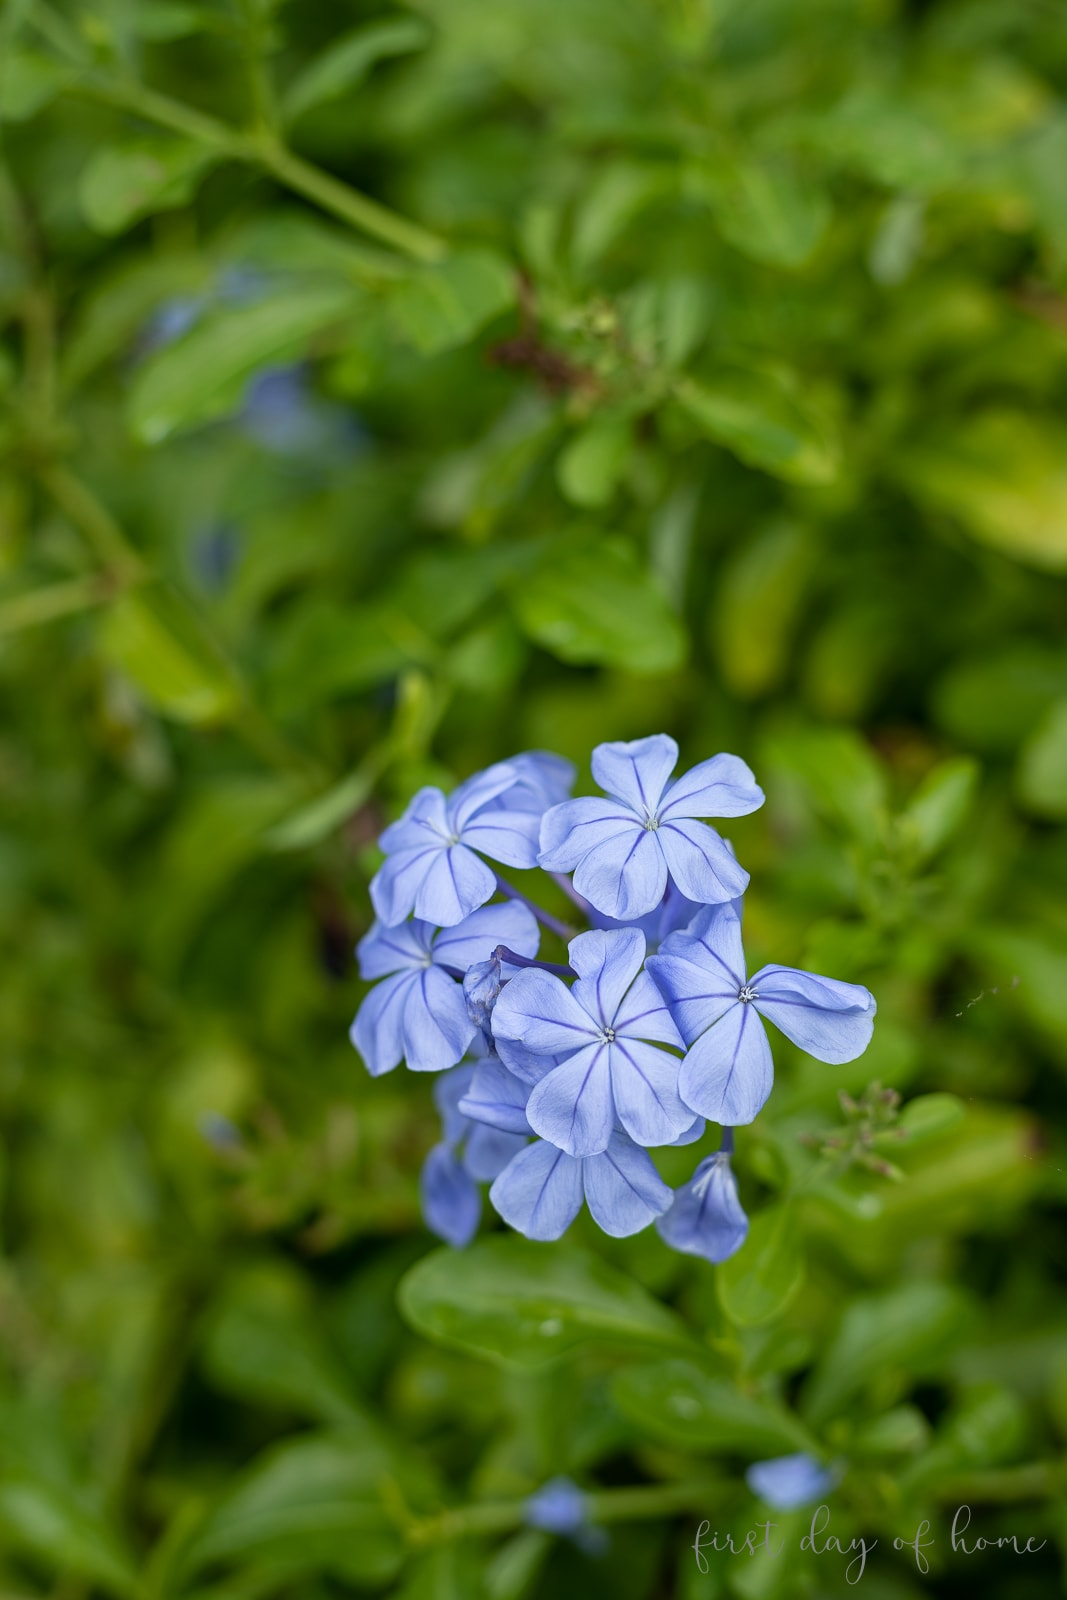 Plumbago flowers on plant